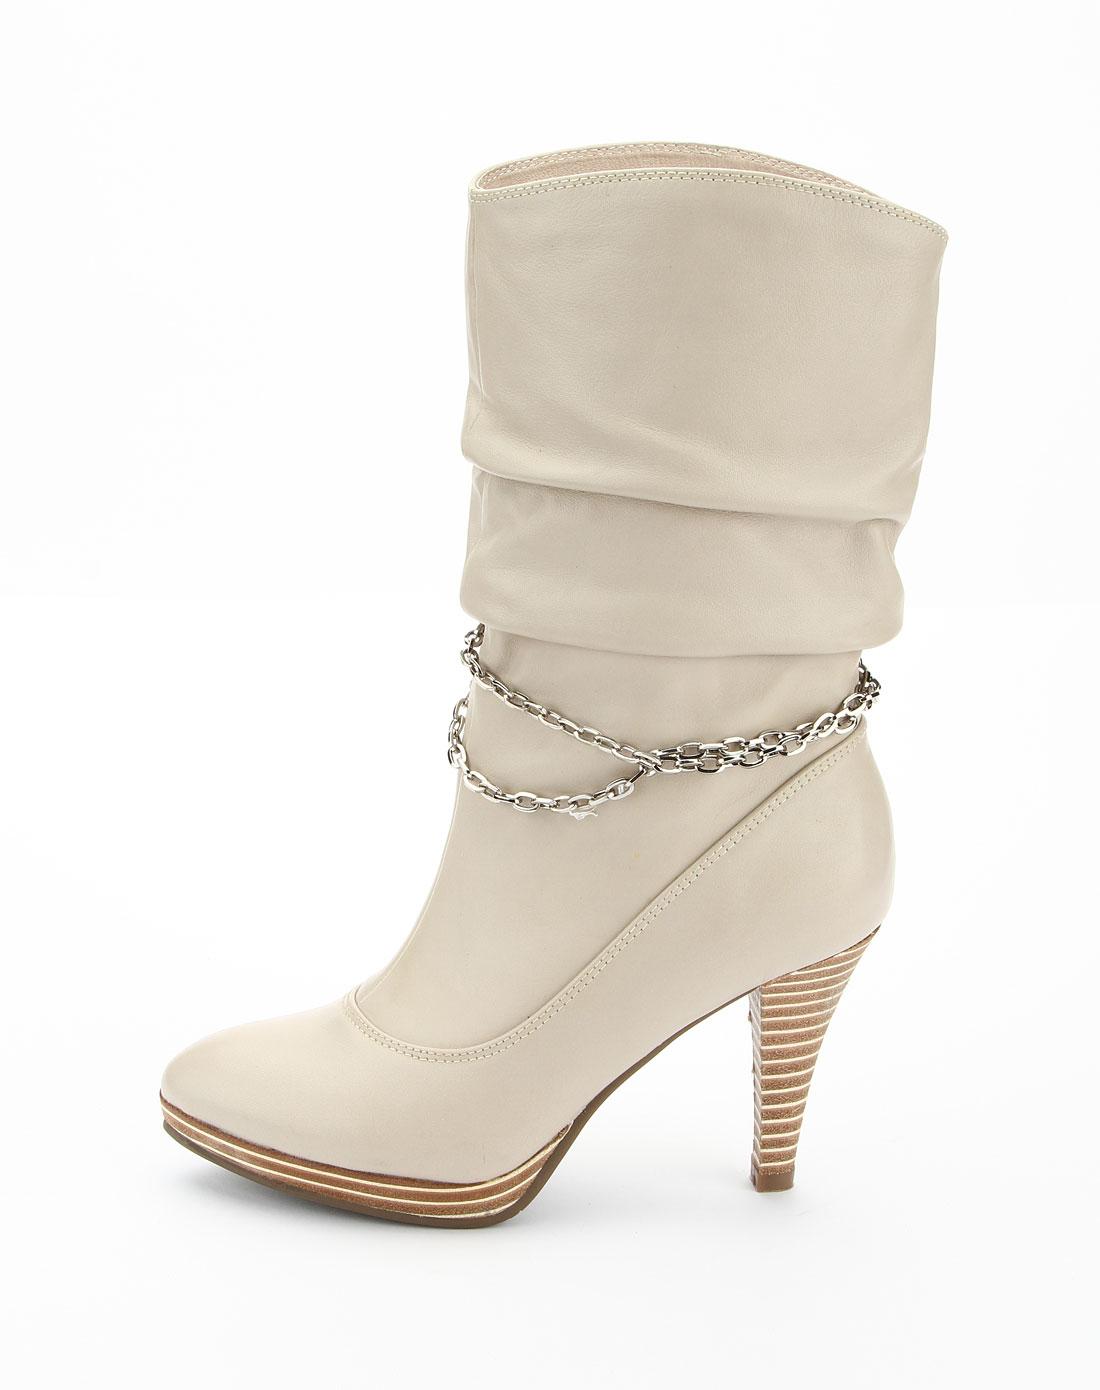 千百度c.banner女鞋专场-女款米白色时尚高跟短靴